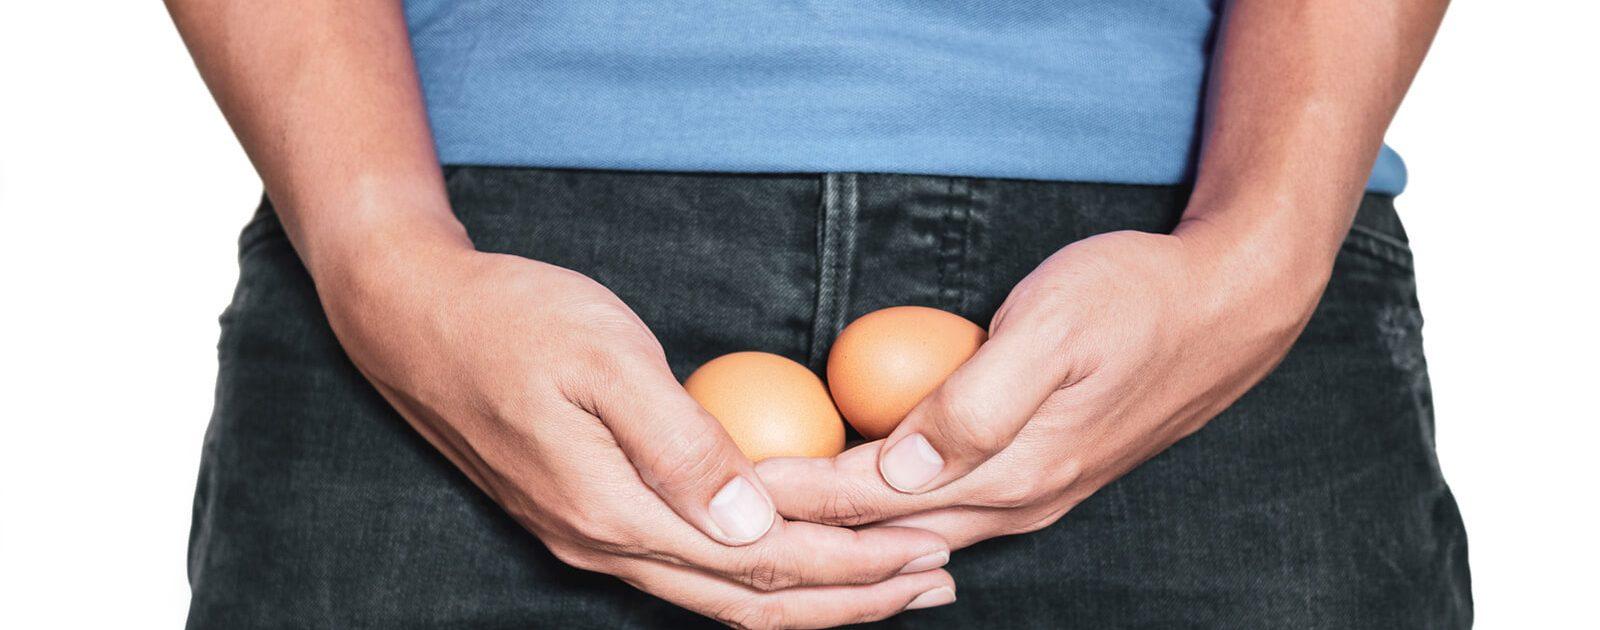 Mann, der zwei Eier hält, die symbolisch eine Hodentorsion darstellen.